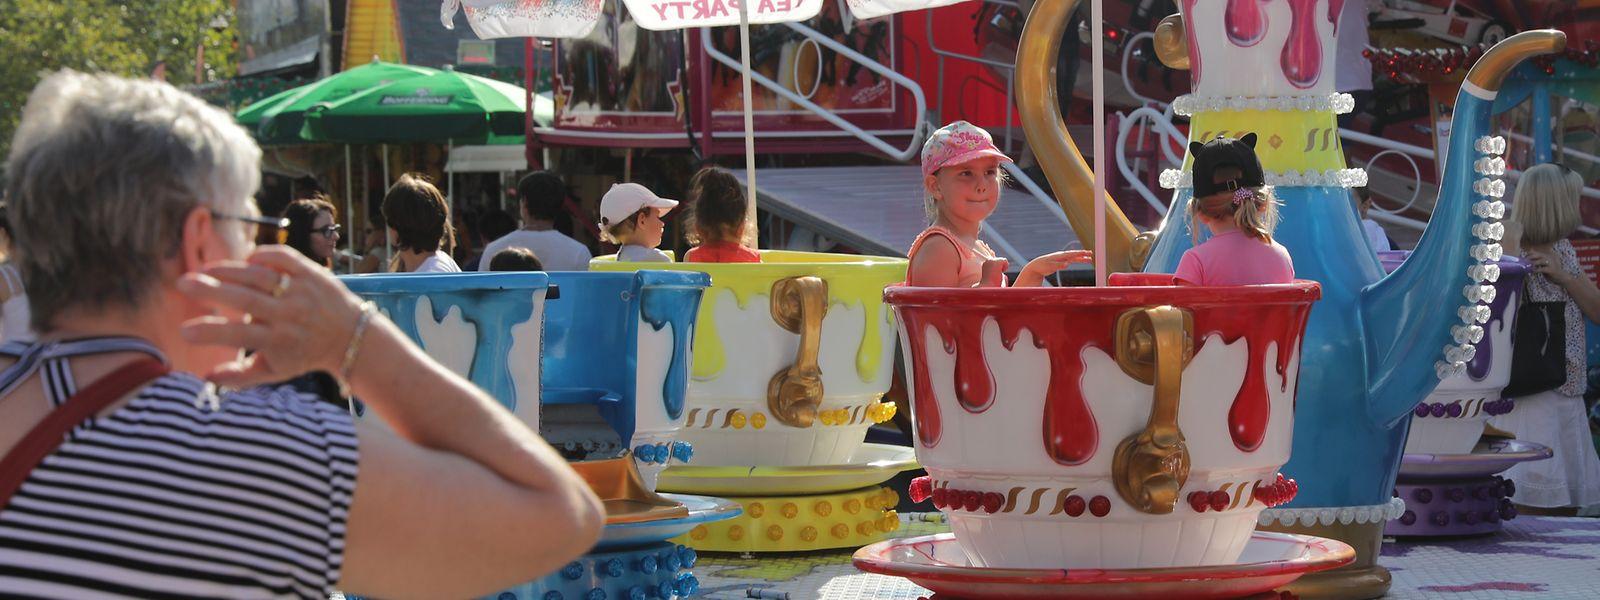 Les carrousels et autres manèges pour enfants seront accessibles gratuitement durant tout l'été.